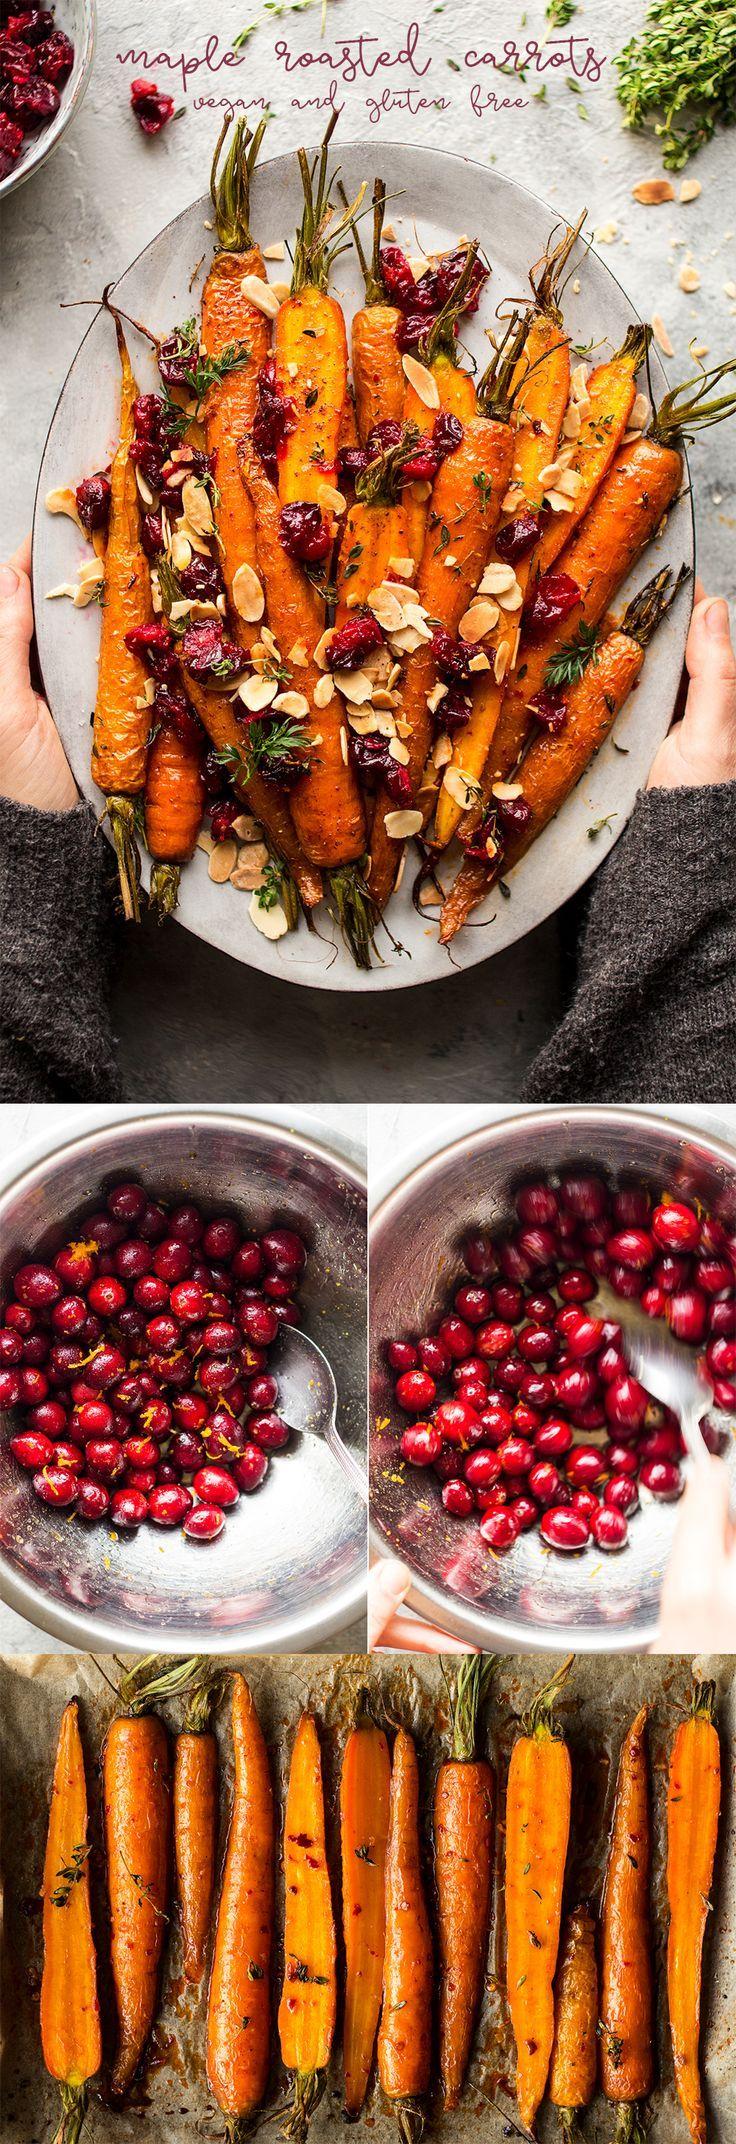 Ahorn gebratene Karotten und Preiselbeeren